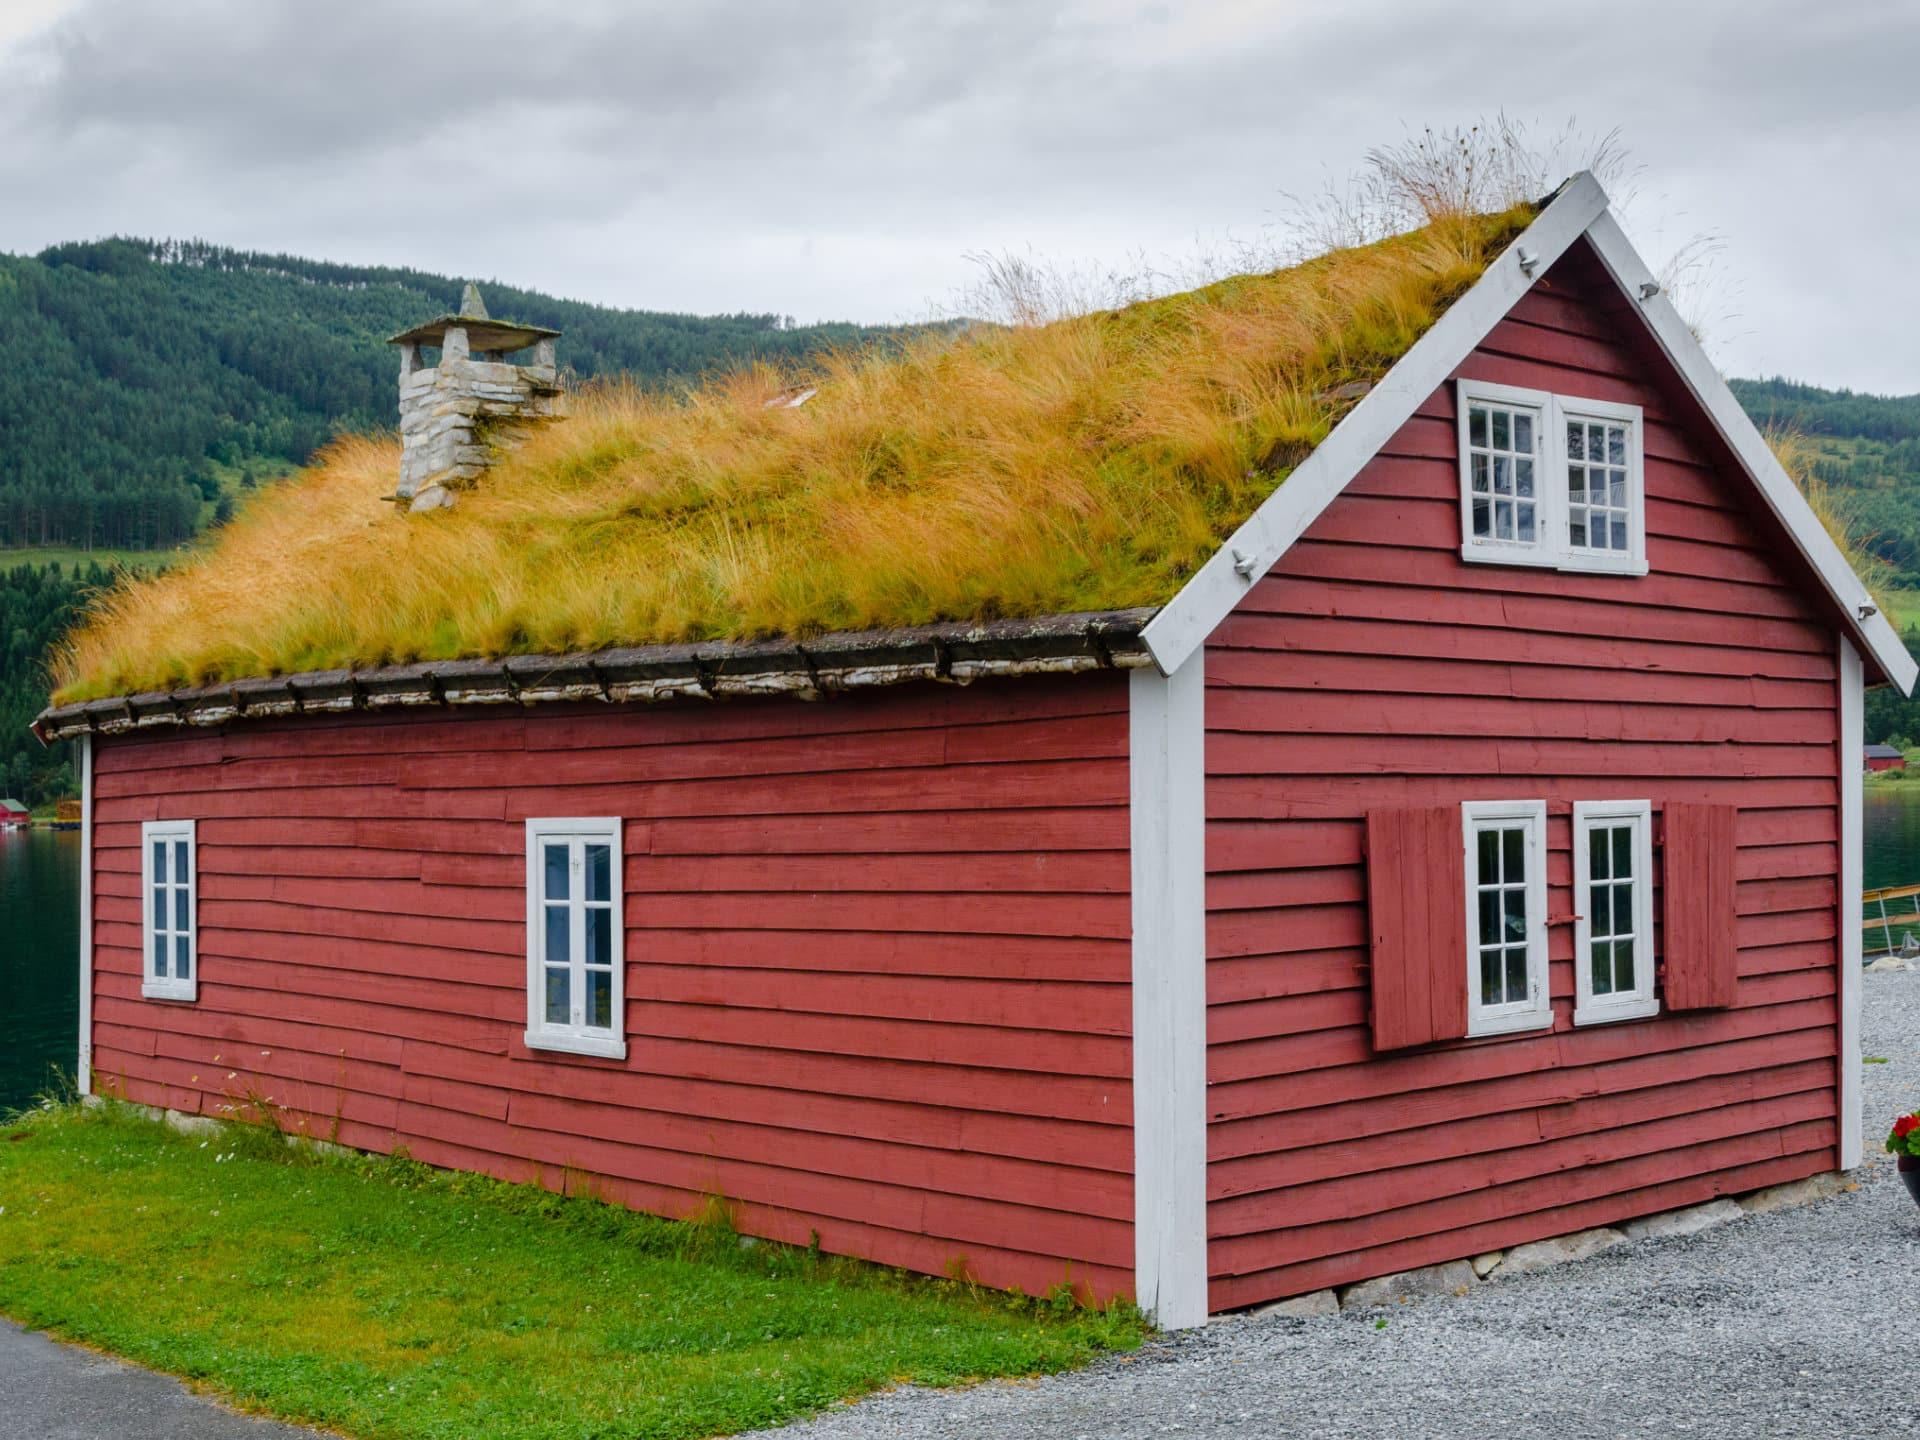 Skandinavisches Holzhaus mit Grasdach © Shutterstock.com - Oleg_Mit